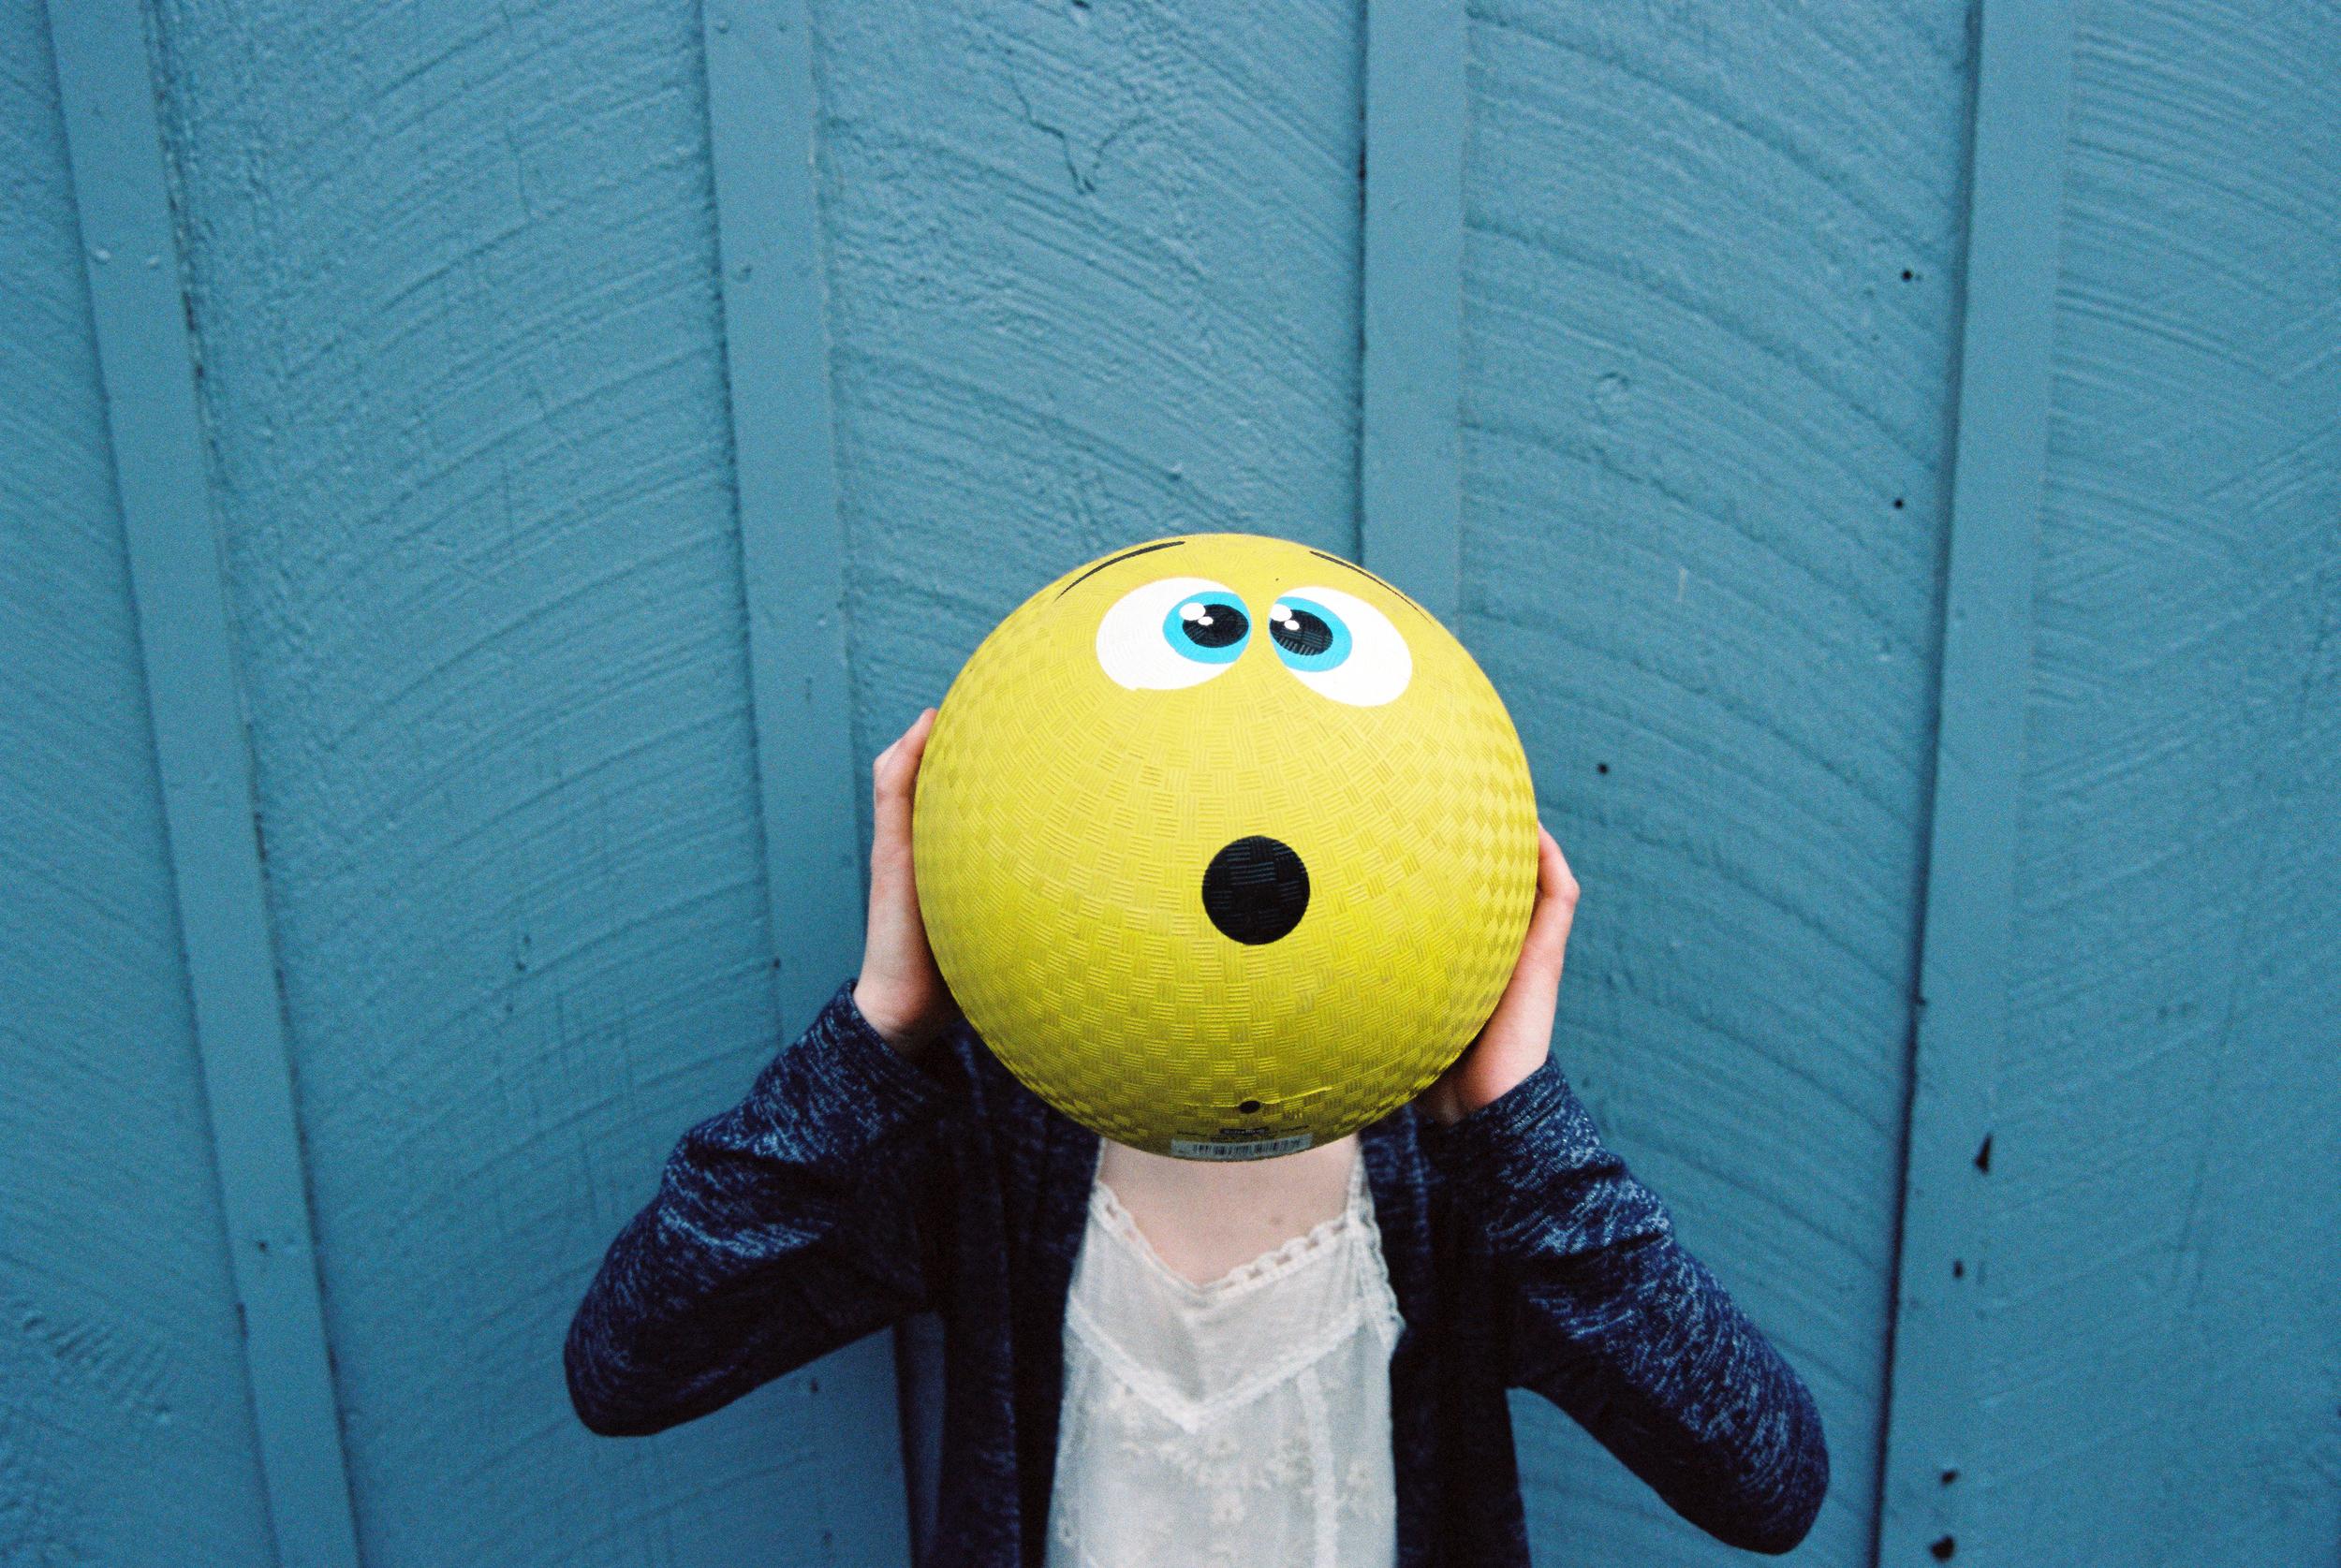 Emoji You (Canon 1v :: Portra 400)   77/365